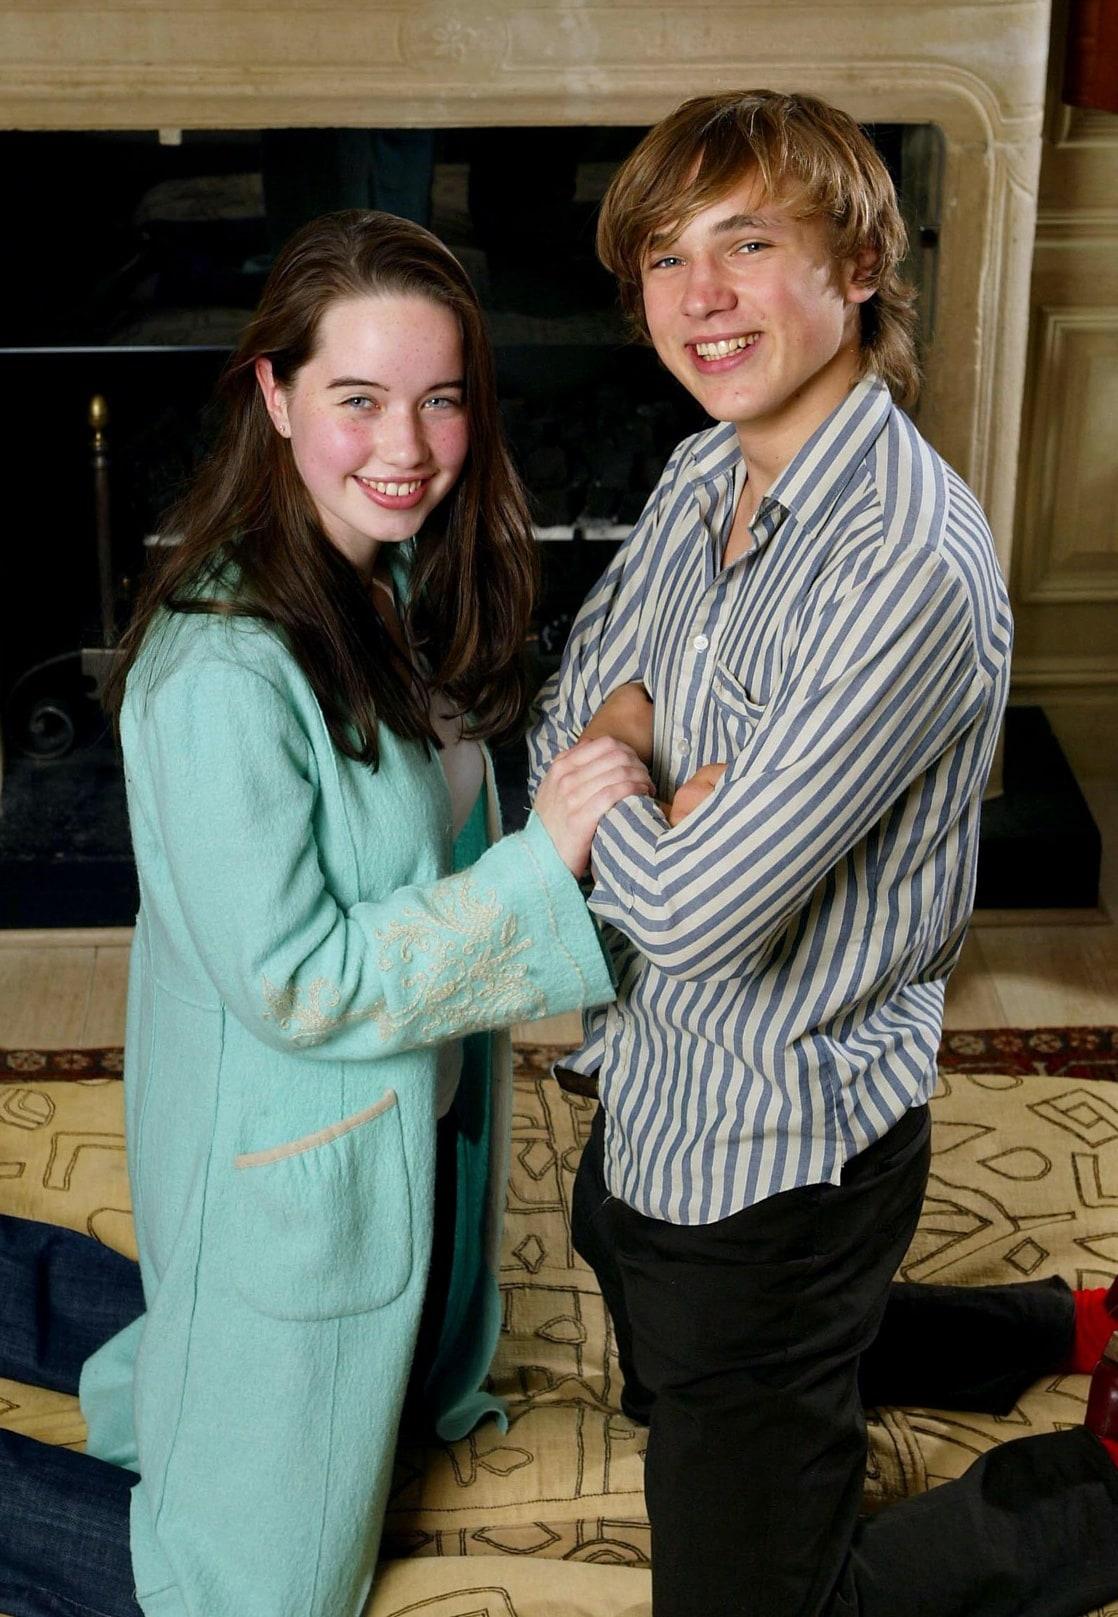 Anna popplewell and skandar keynes hookup